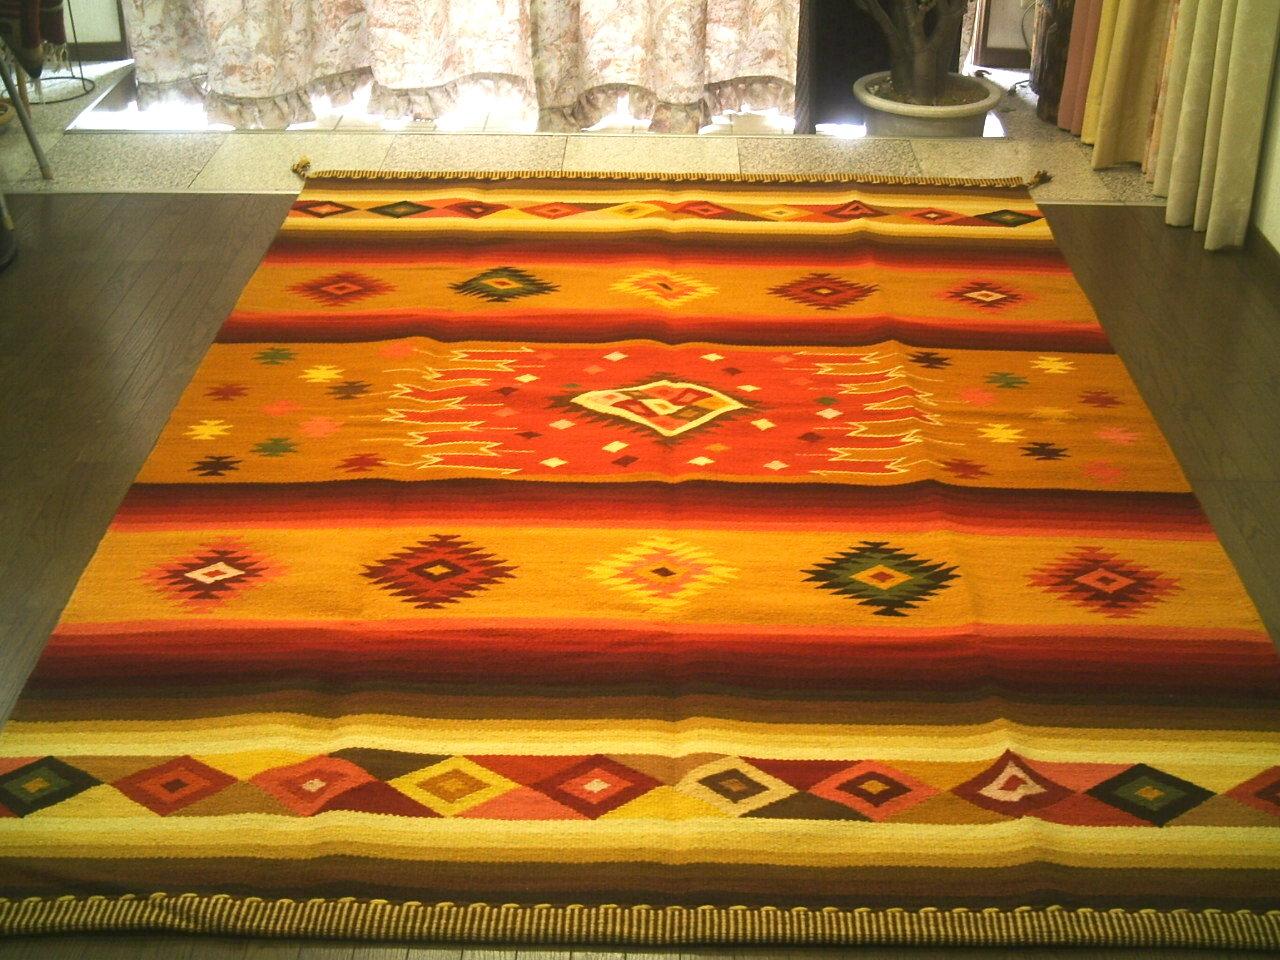 ペルー ウール ラグ カーペットWOOL ラグマット 厚手 北欧 夏 カーペット 絨毯 「眩い星」約 3畳 /送料無料カーペット古代インカ帝国 マチュ ピチュ アルパカ ナスカ 地上絵 遺跡